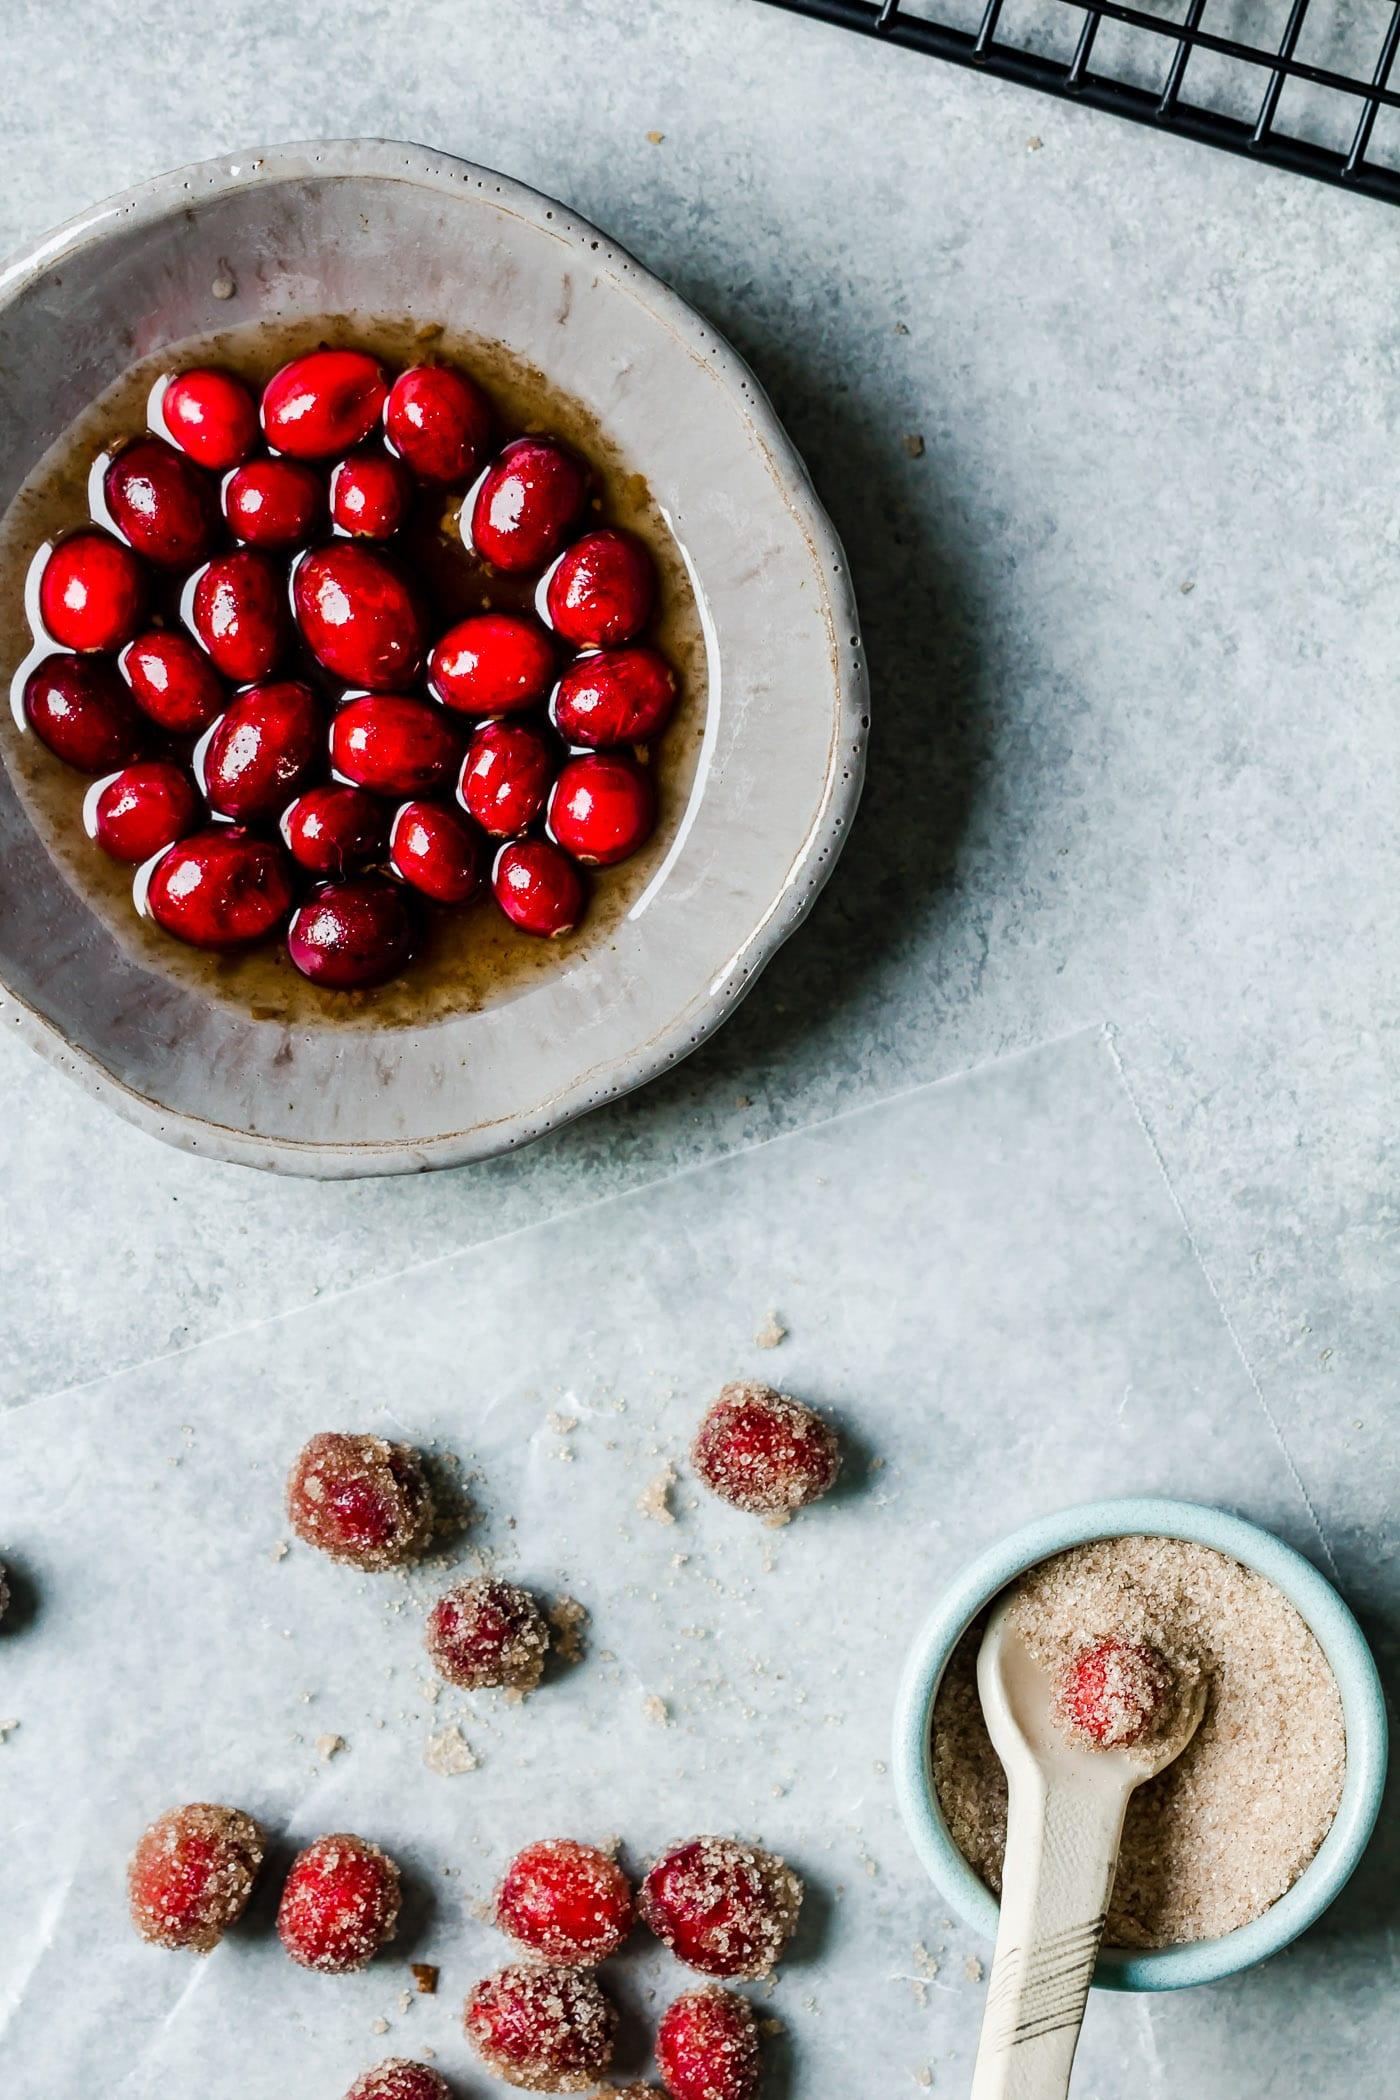 Cinnamon sugared cranberry close up